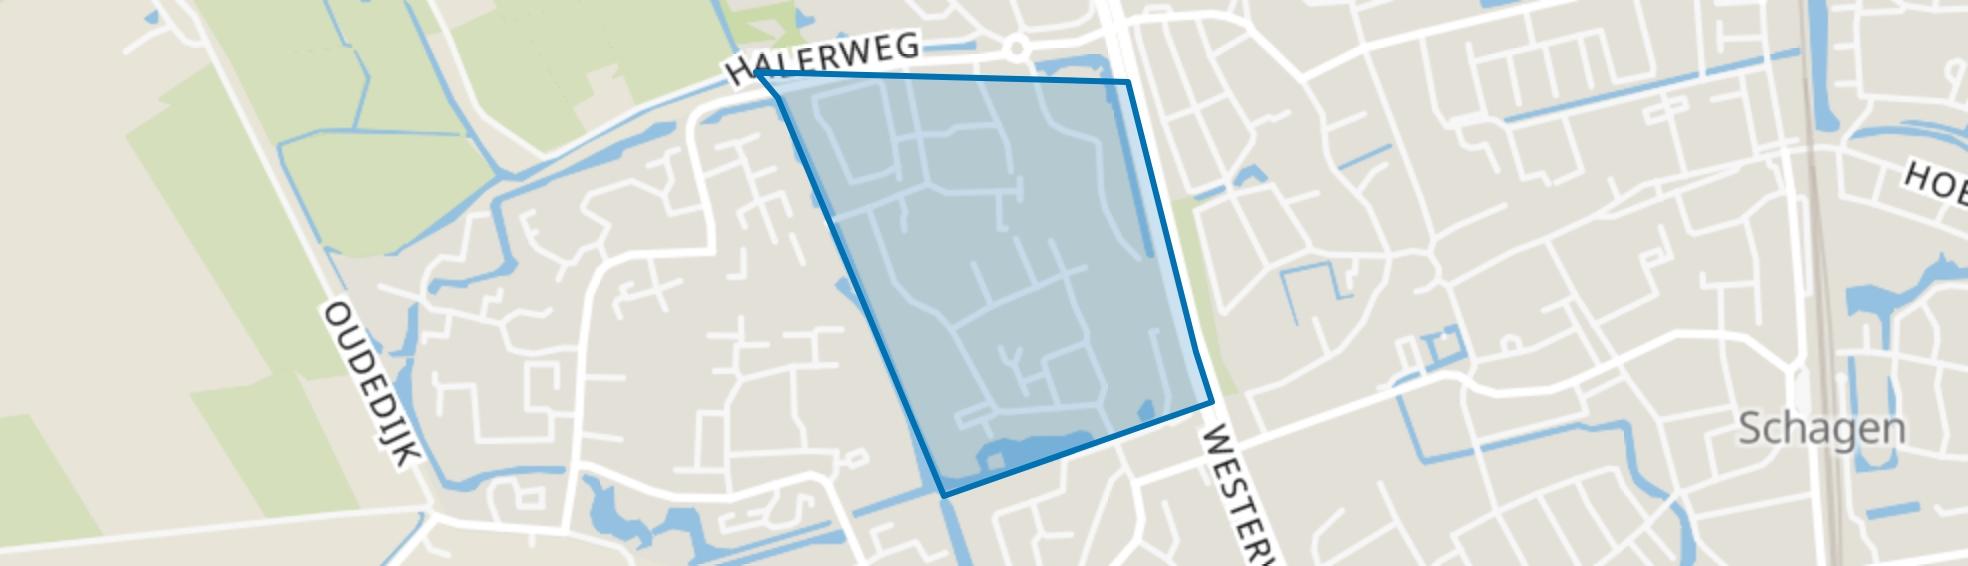 Waldervaart-Noordoost, Schagen map